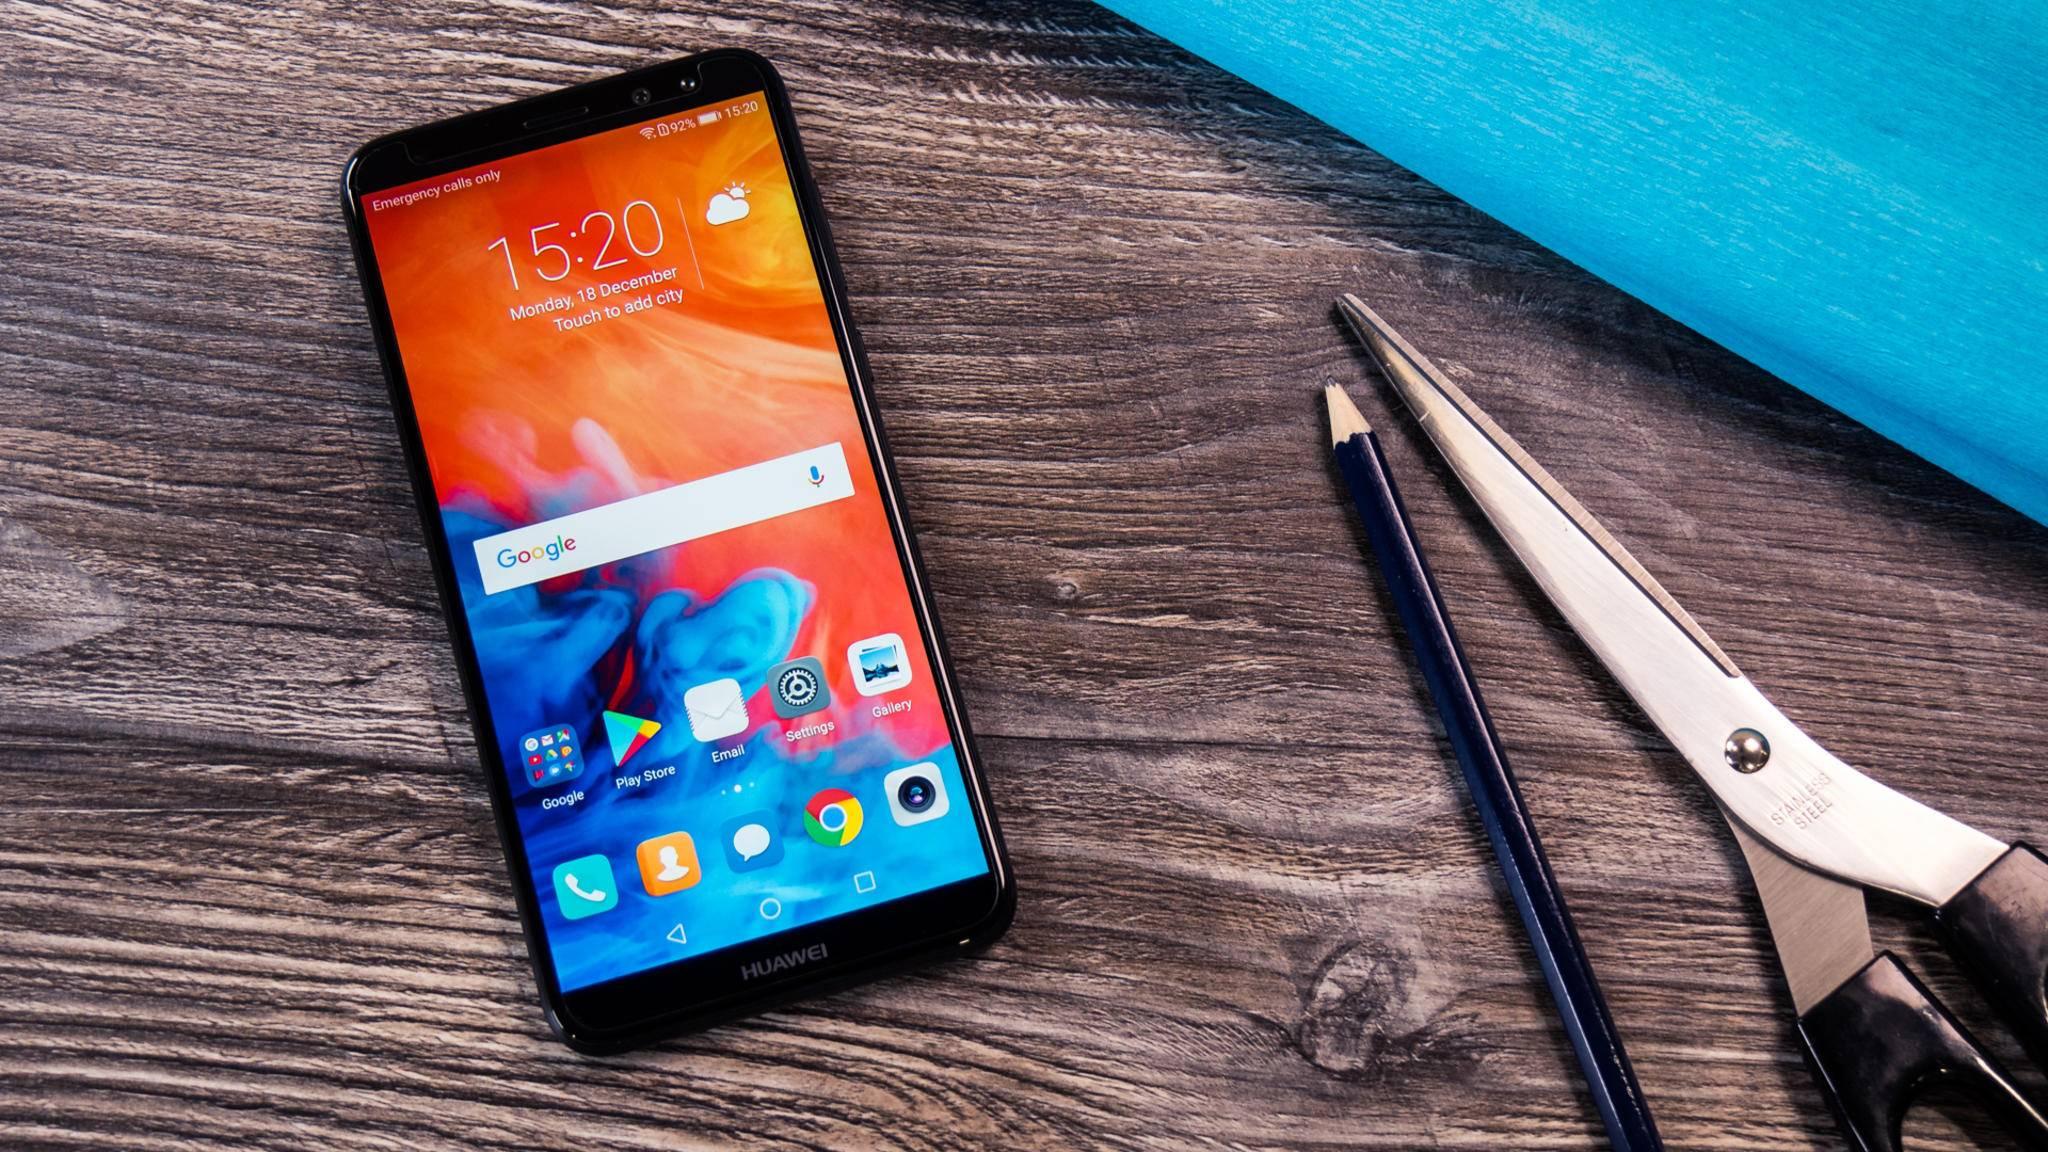 Huawei entwickelt angeblich ein Smartphones mit 512 GB Speicherkapazität.